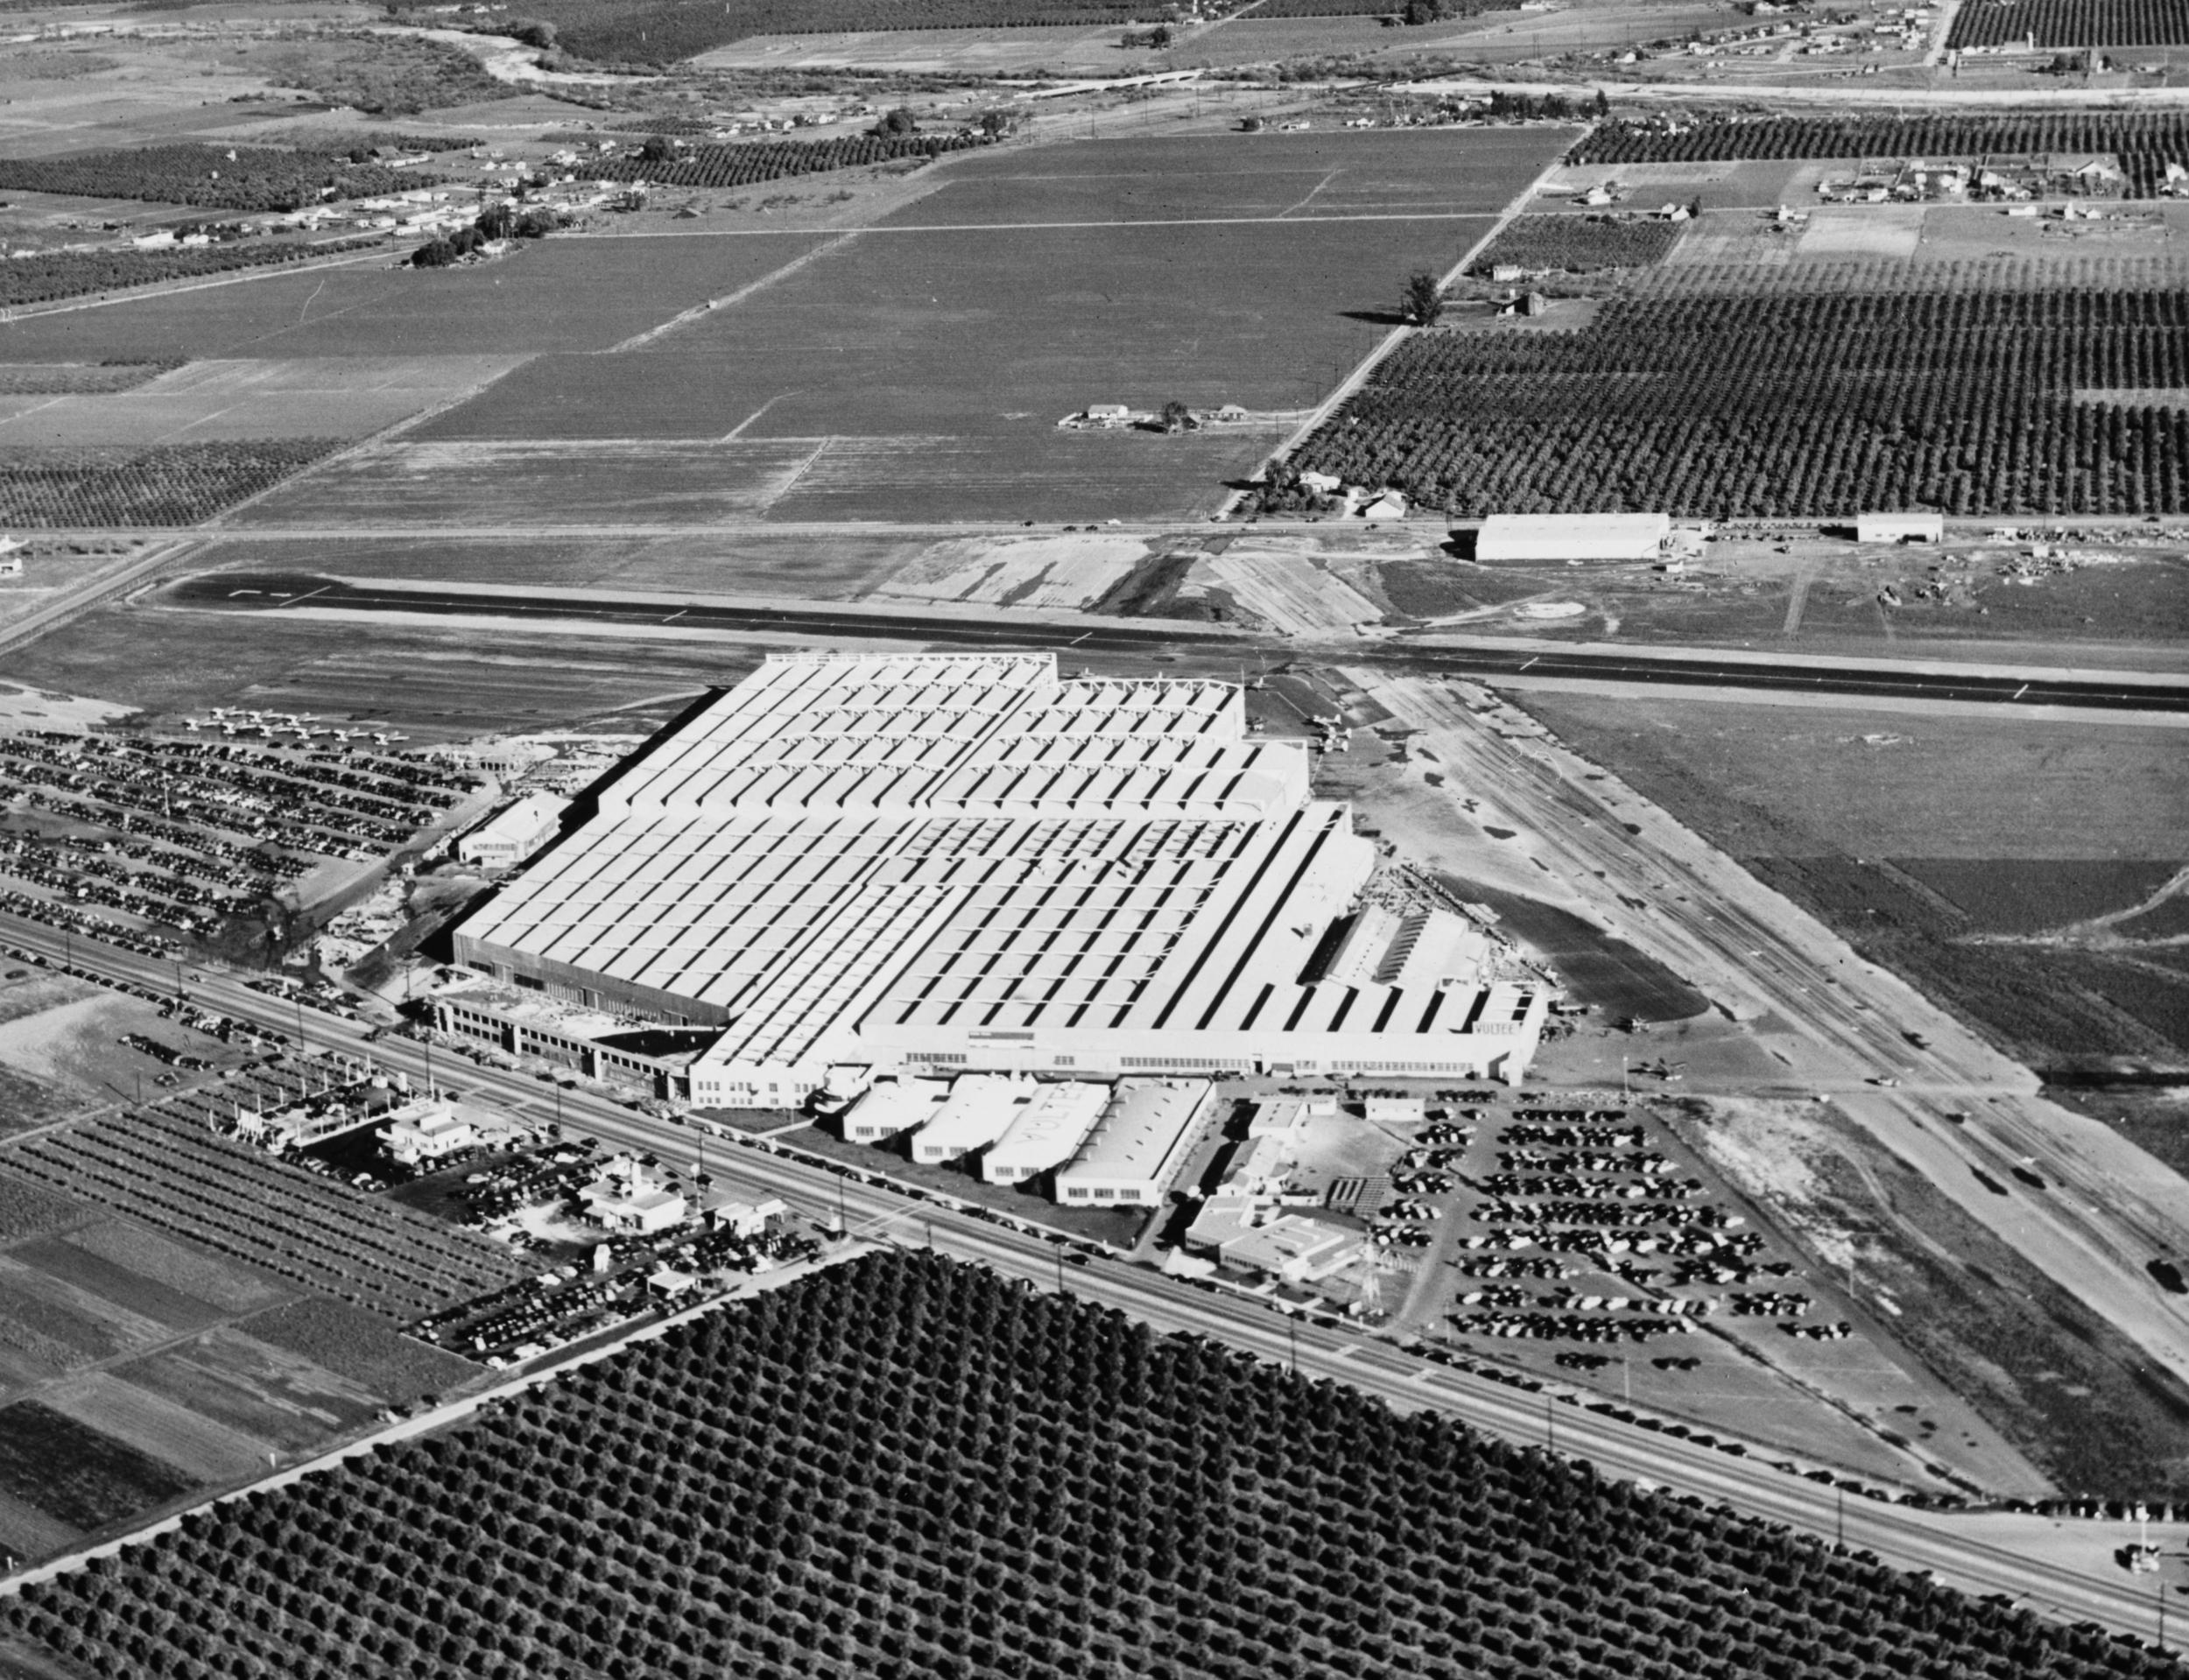 Vultee Aircraft, Downey